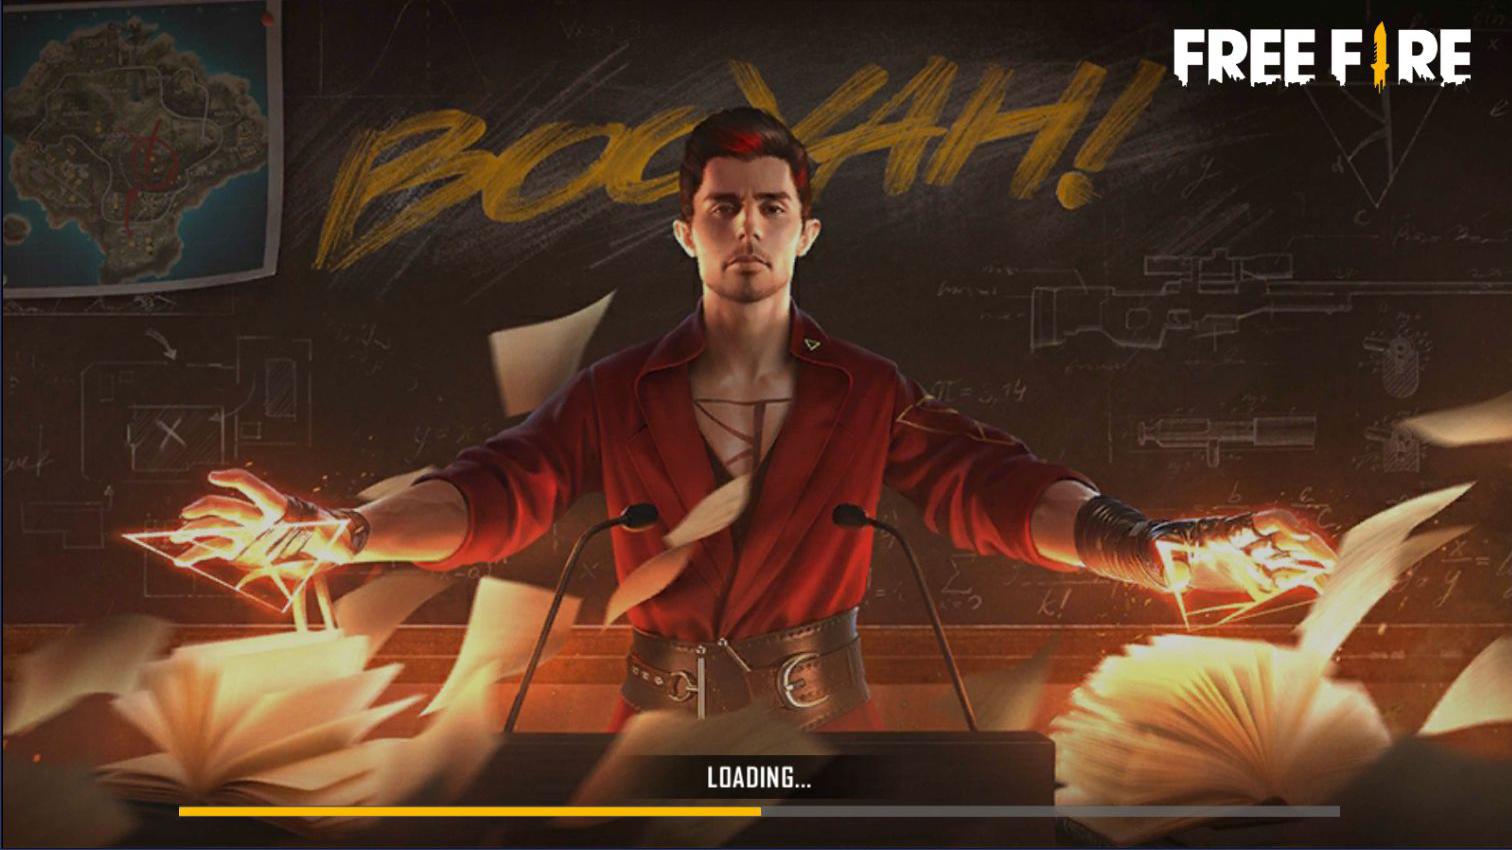 Futuro personagem no Free Fire KSHMR lança música tema para evento do game